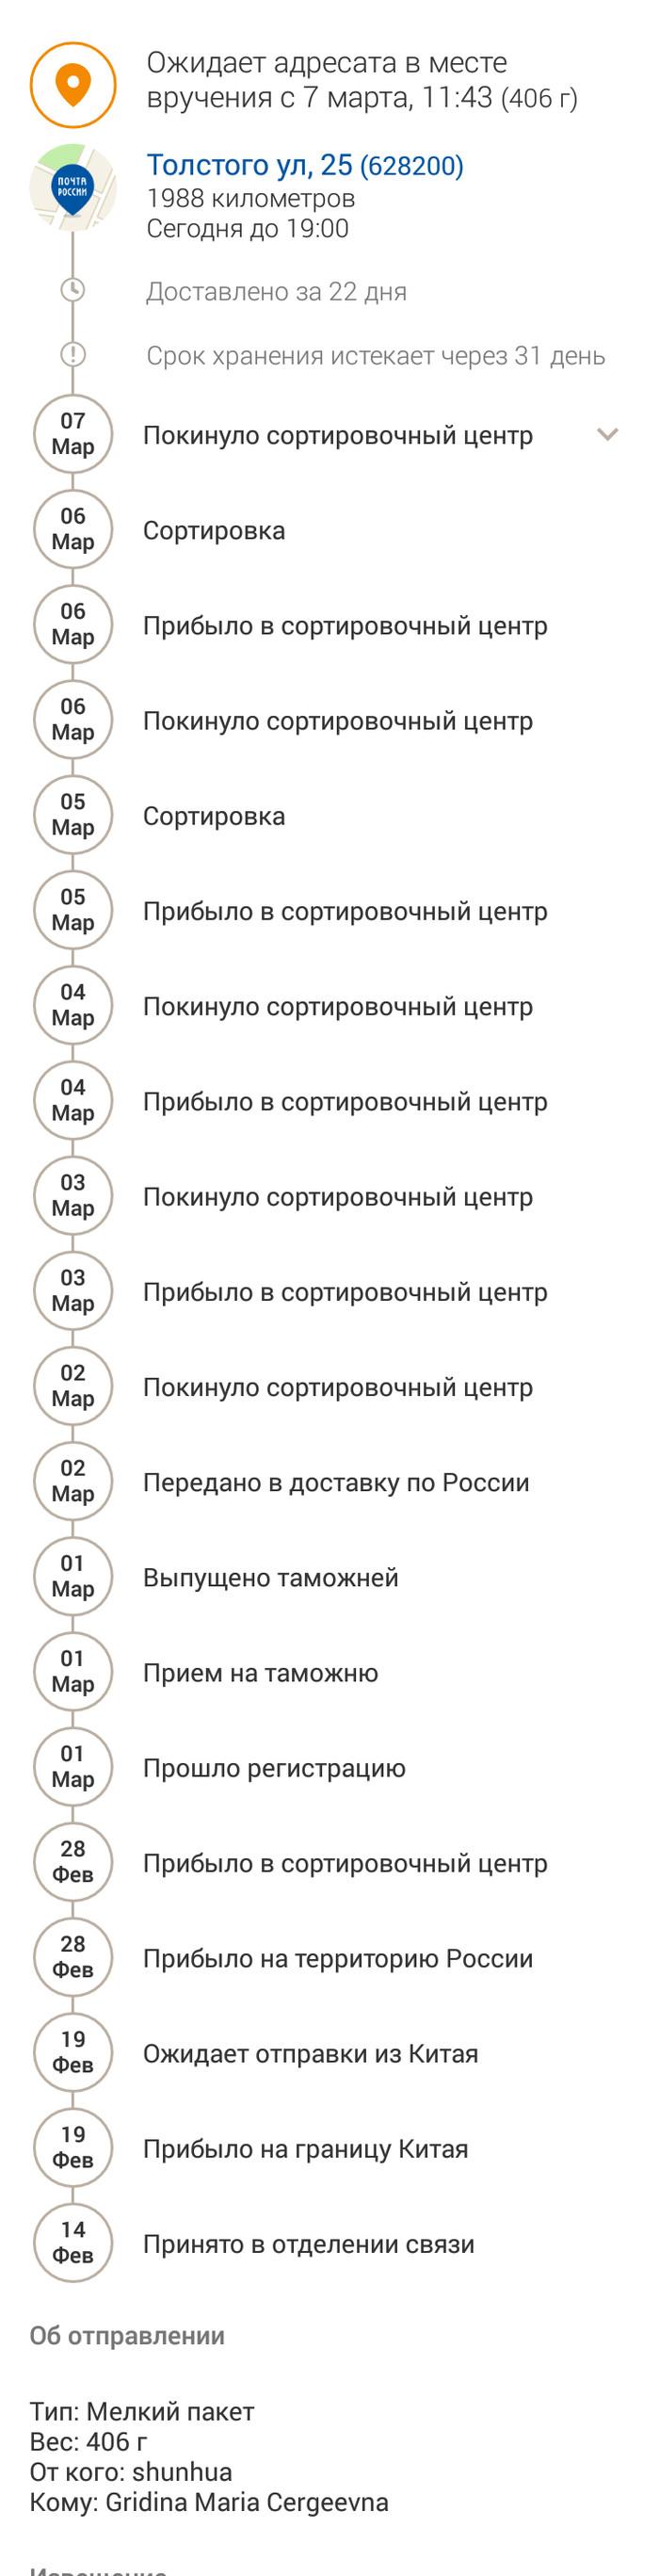 Ищу получателя. Междуреченск, Междуречинск, ХМАО, Ищу чувака, Почта, Ханты-Мансийск, Югра, Длиннопост